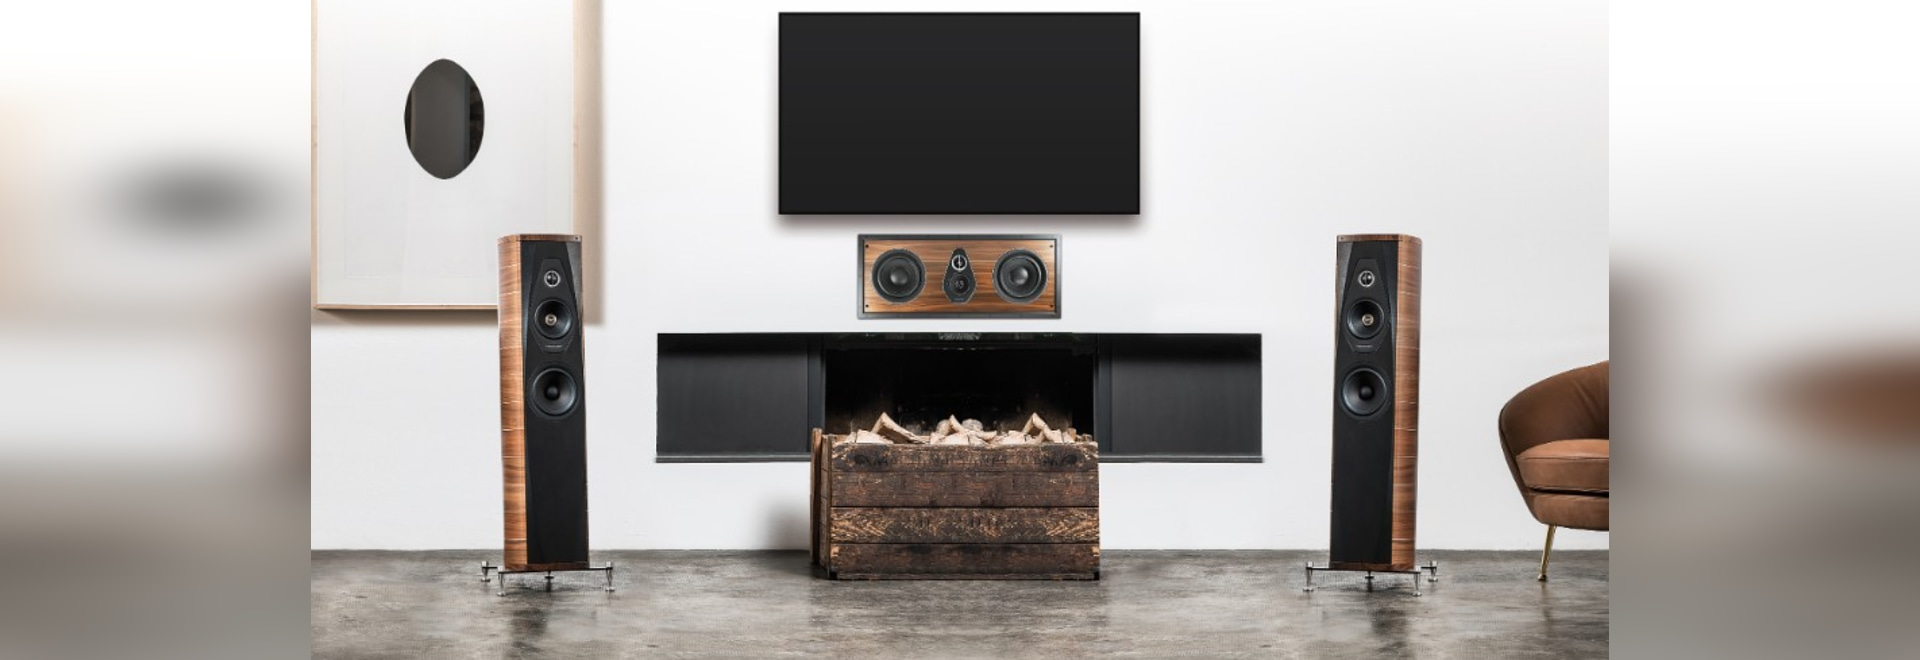 Los locutores inspirados por Andrea Palladio: audio perfecto e instalación invisible